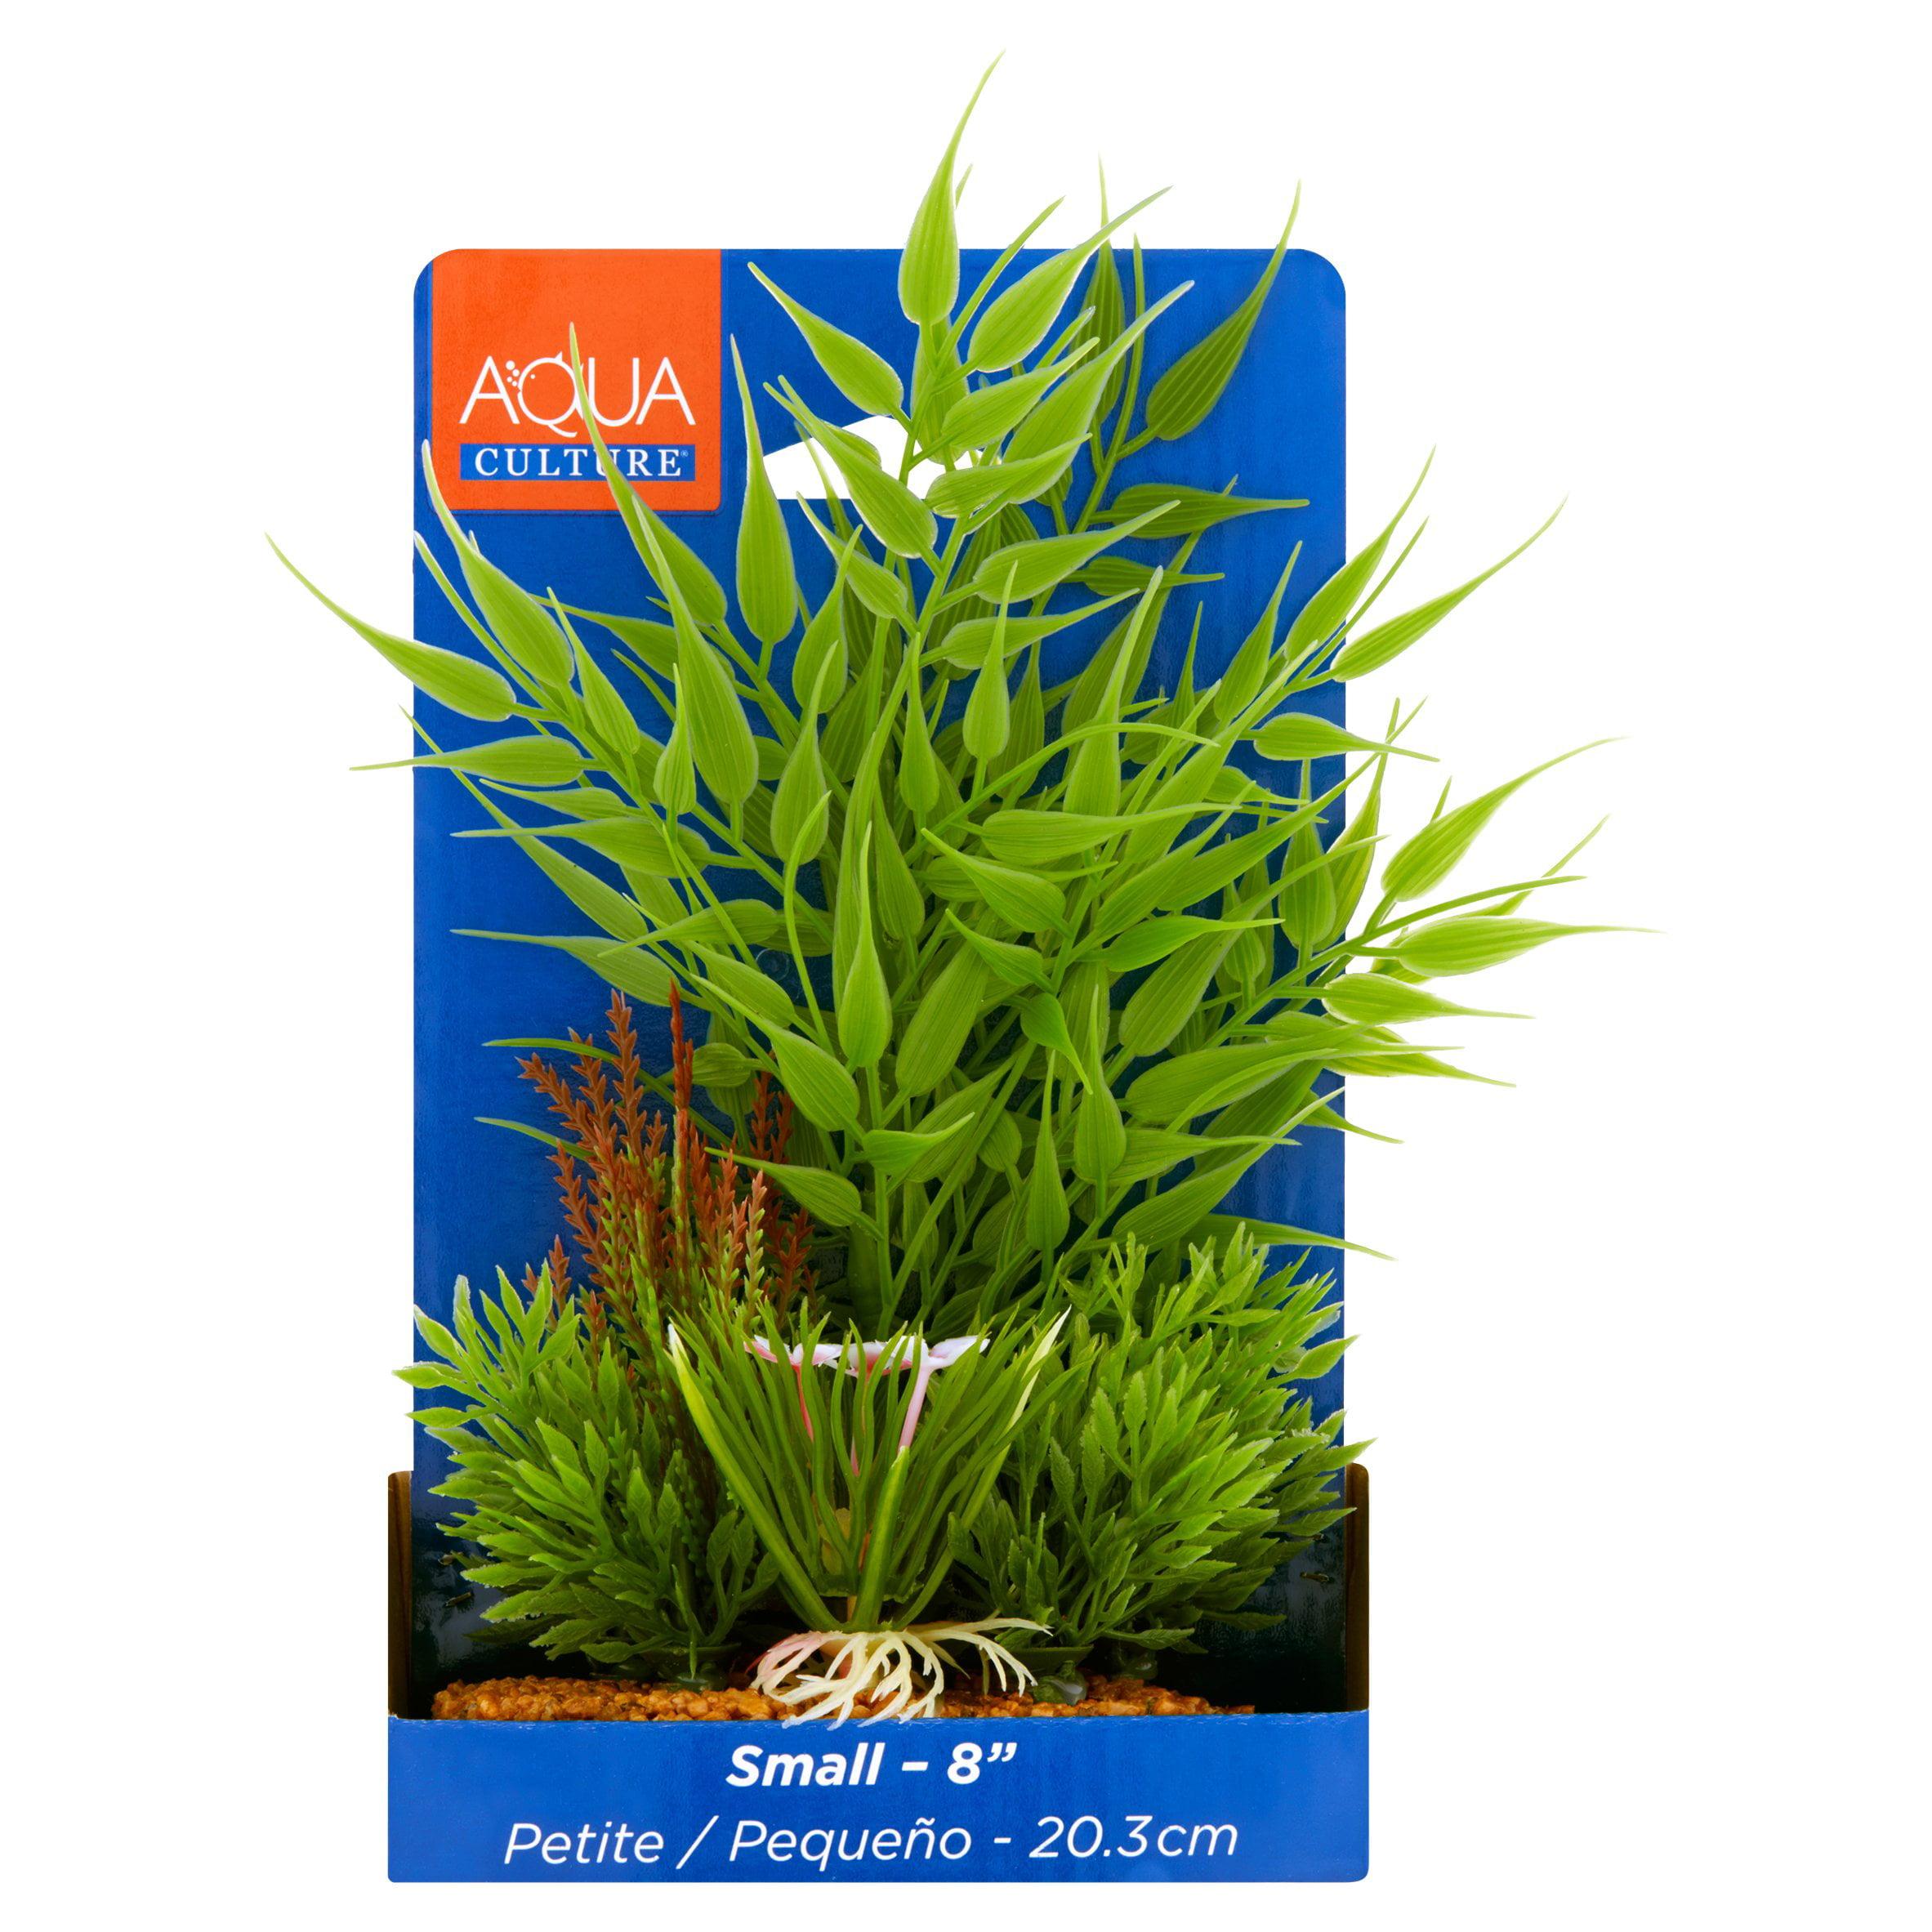 Aqua Culture Jungle Pod Aquarium Plant Decoration by Wal-Mart Stores, Inc.